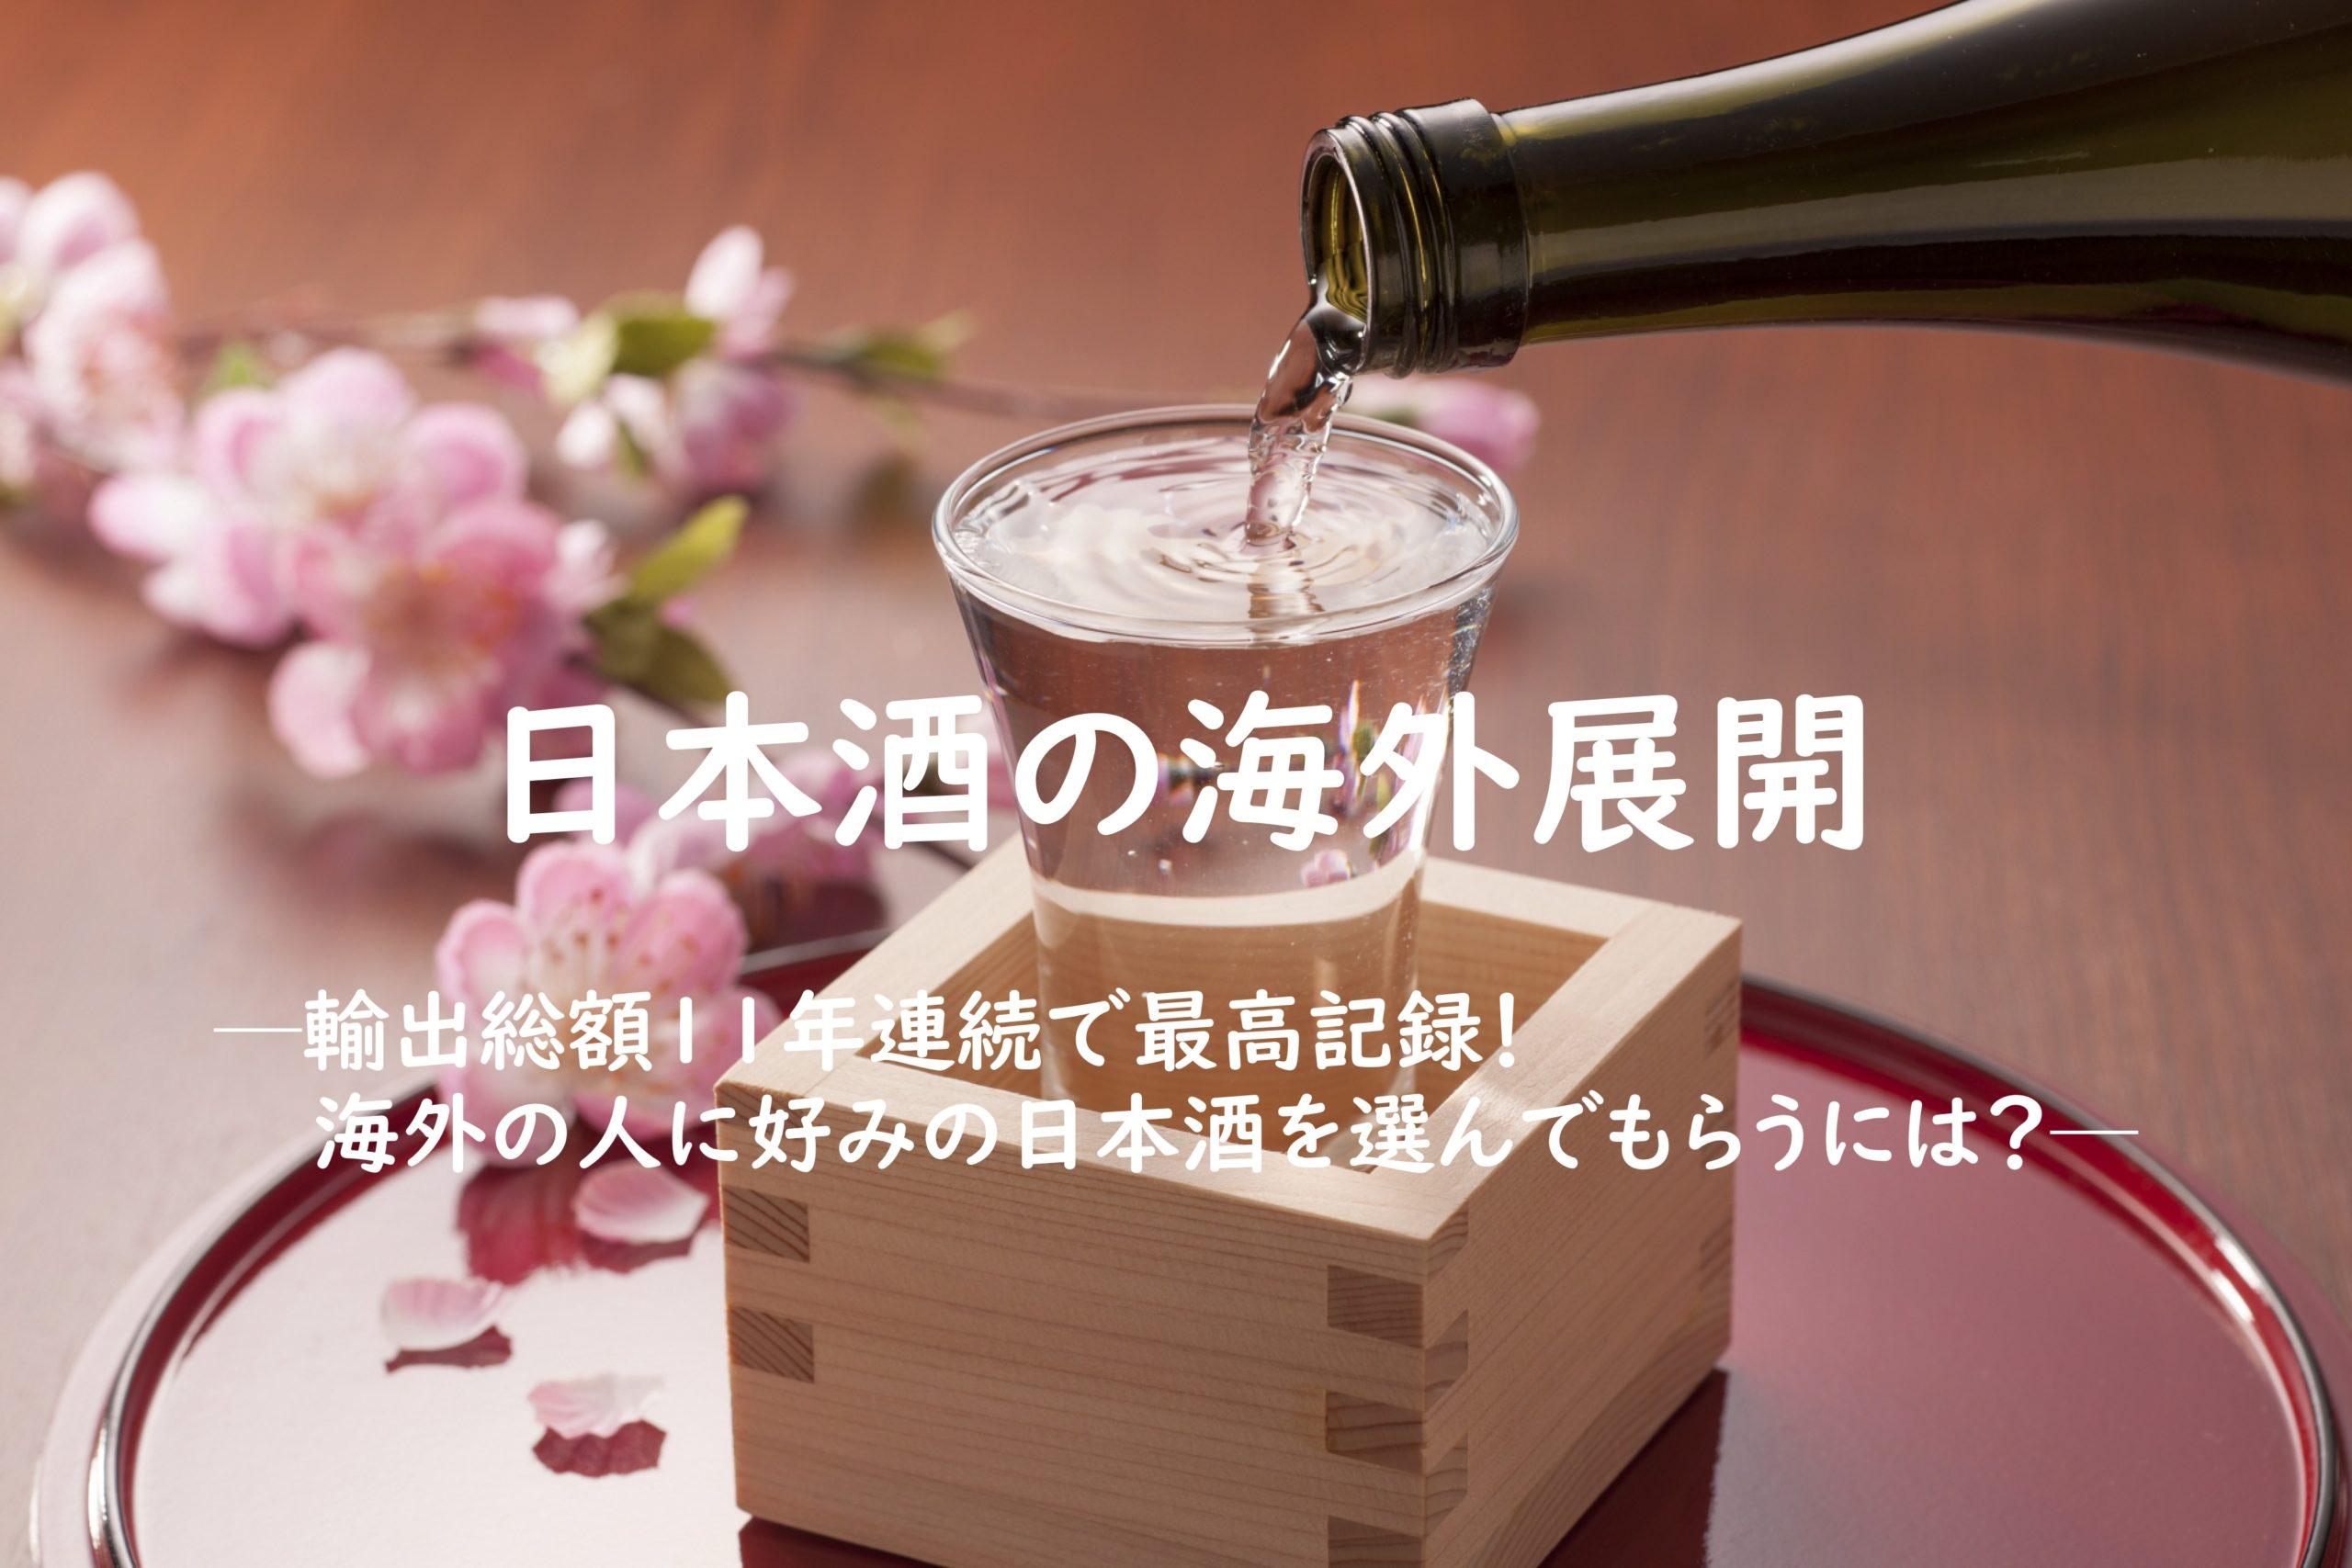 升と日本酒の写真